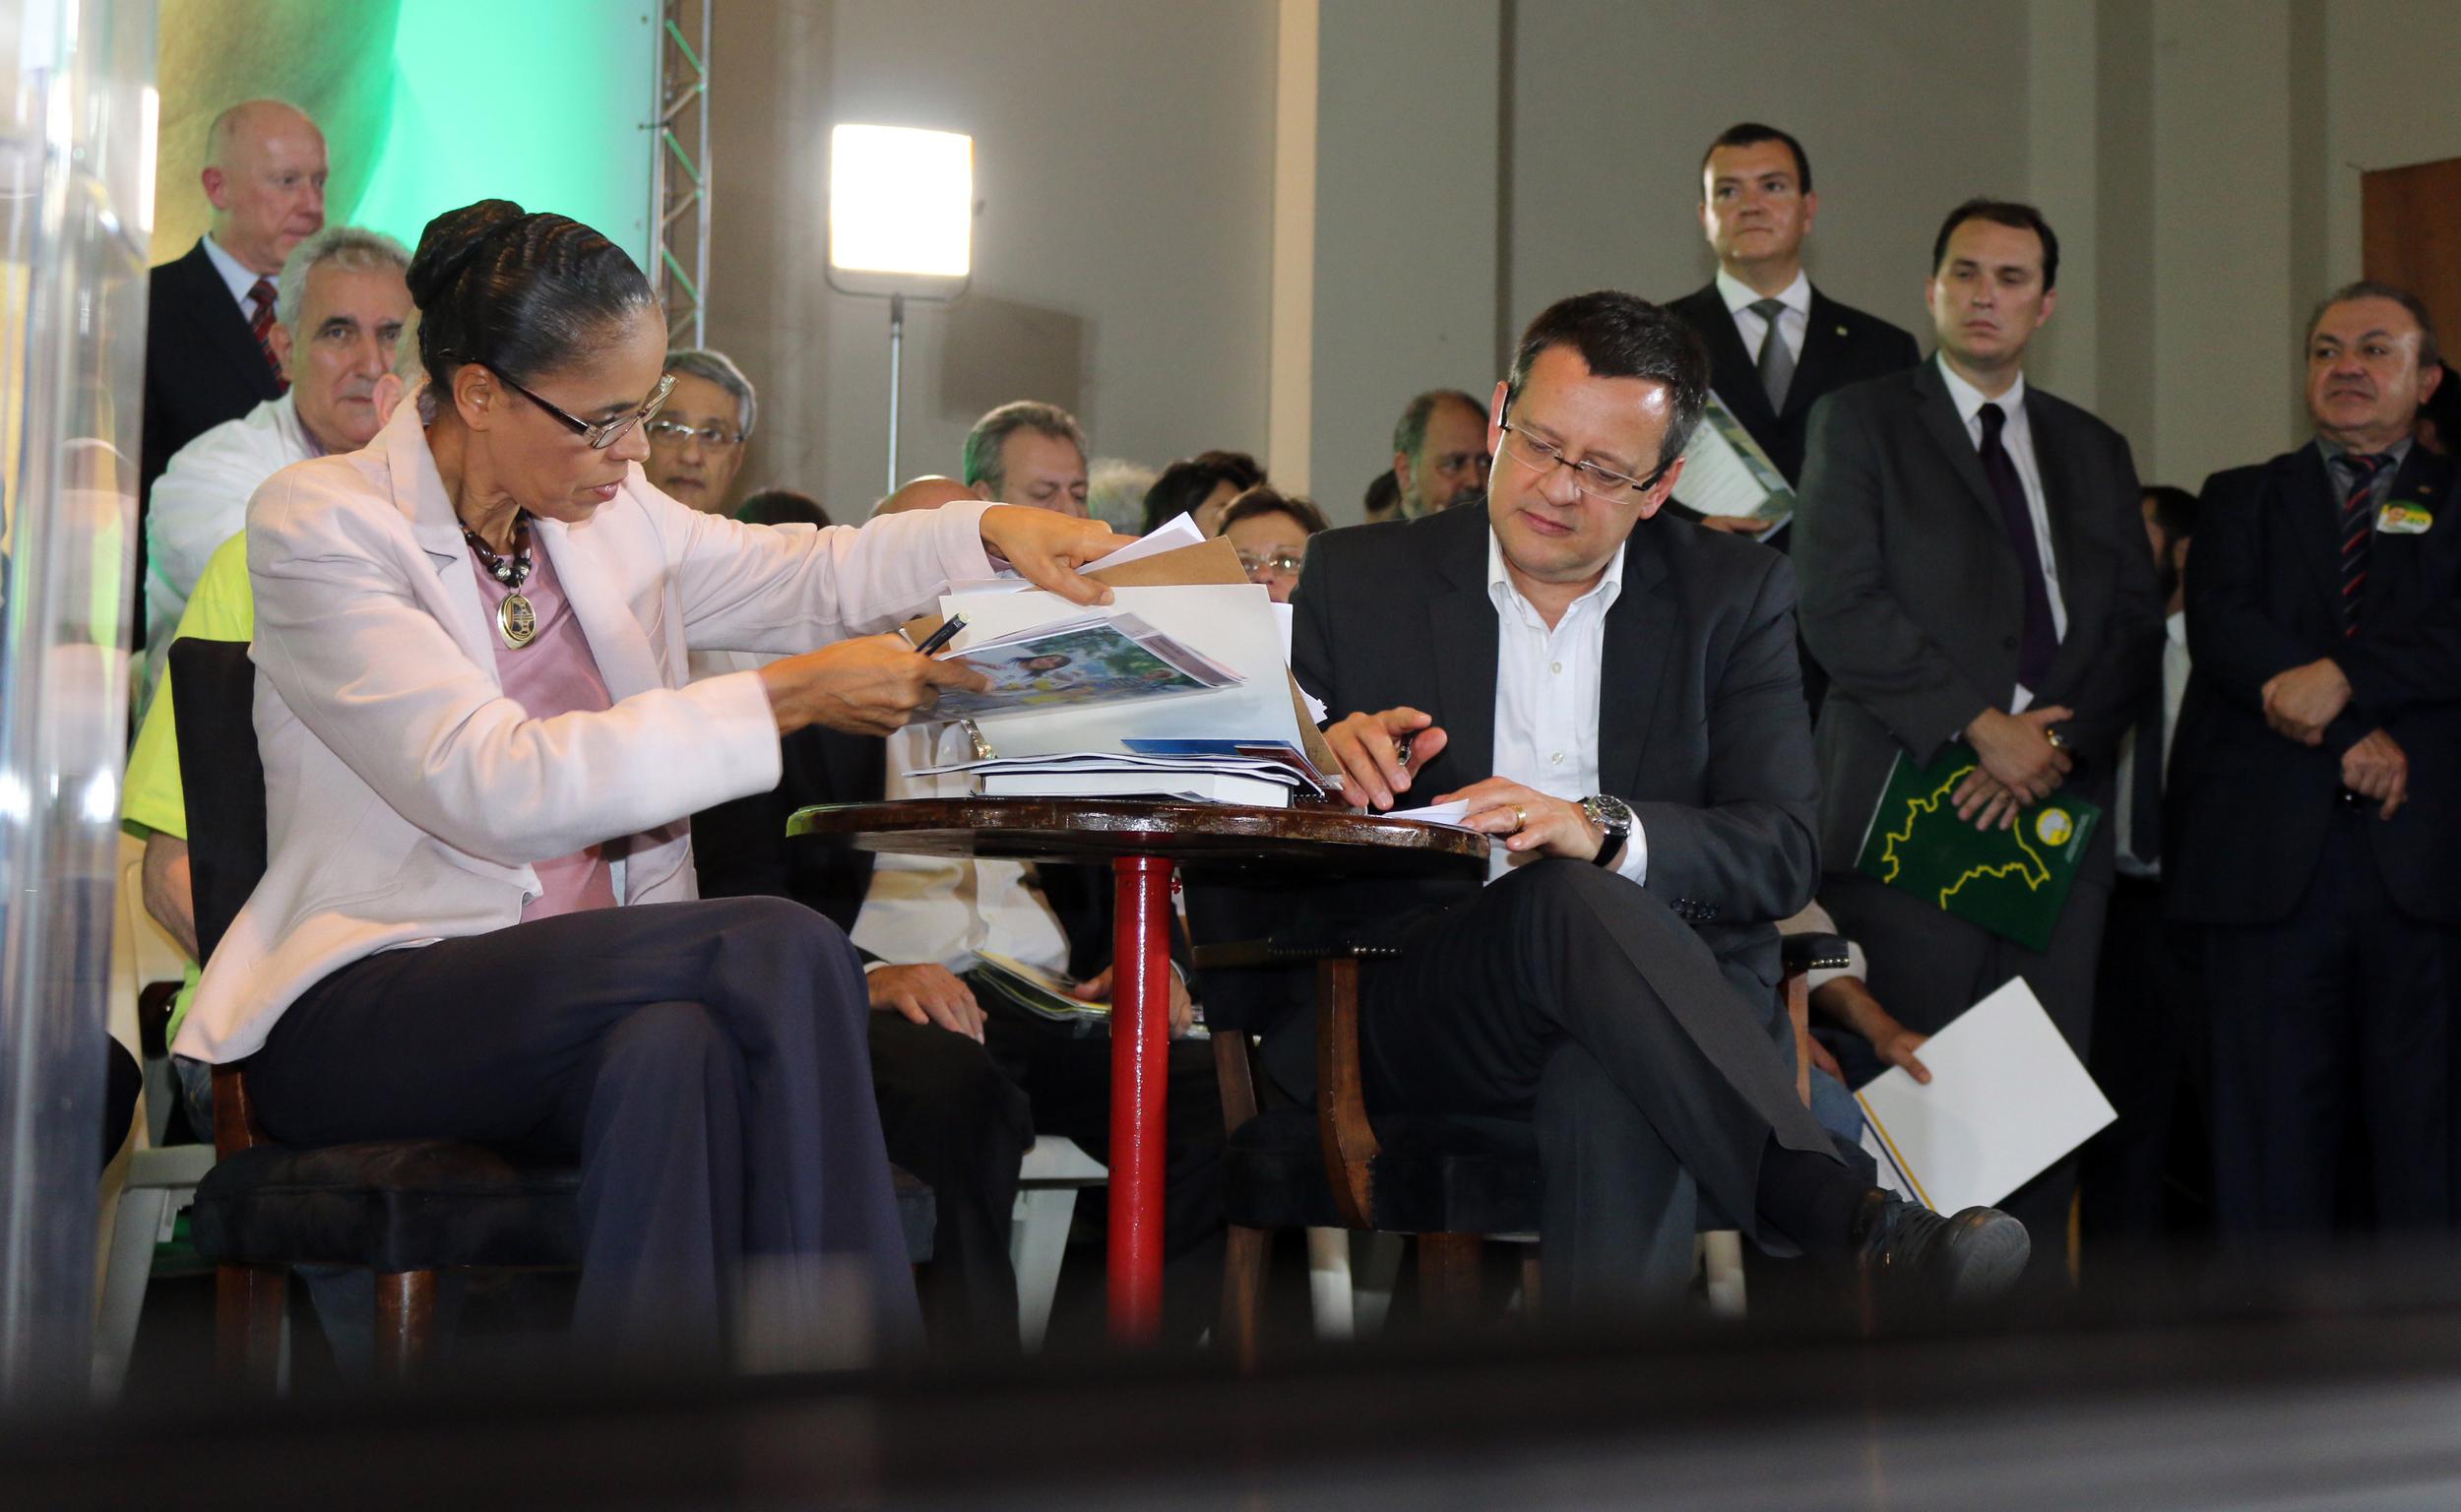 Membros do Fonacate participaram de encontro em São Paulo com a presidenciável Marina Silva. Foto: Filipe Calmon / ANESP